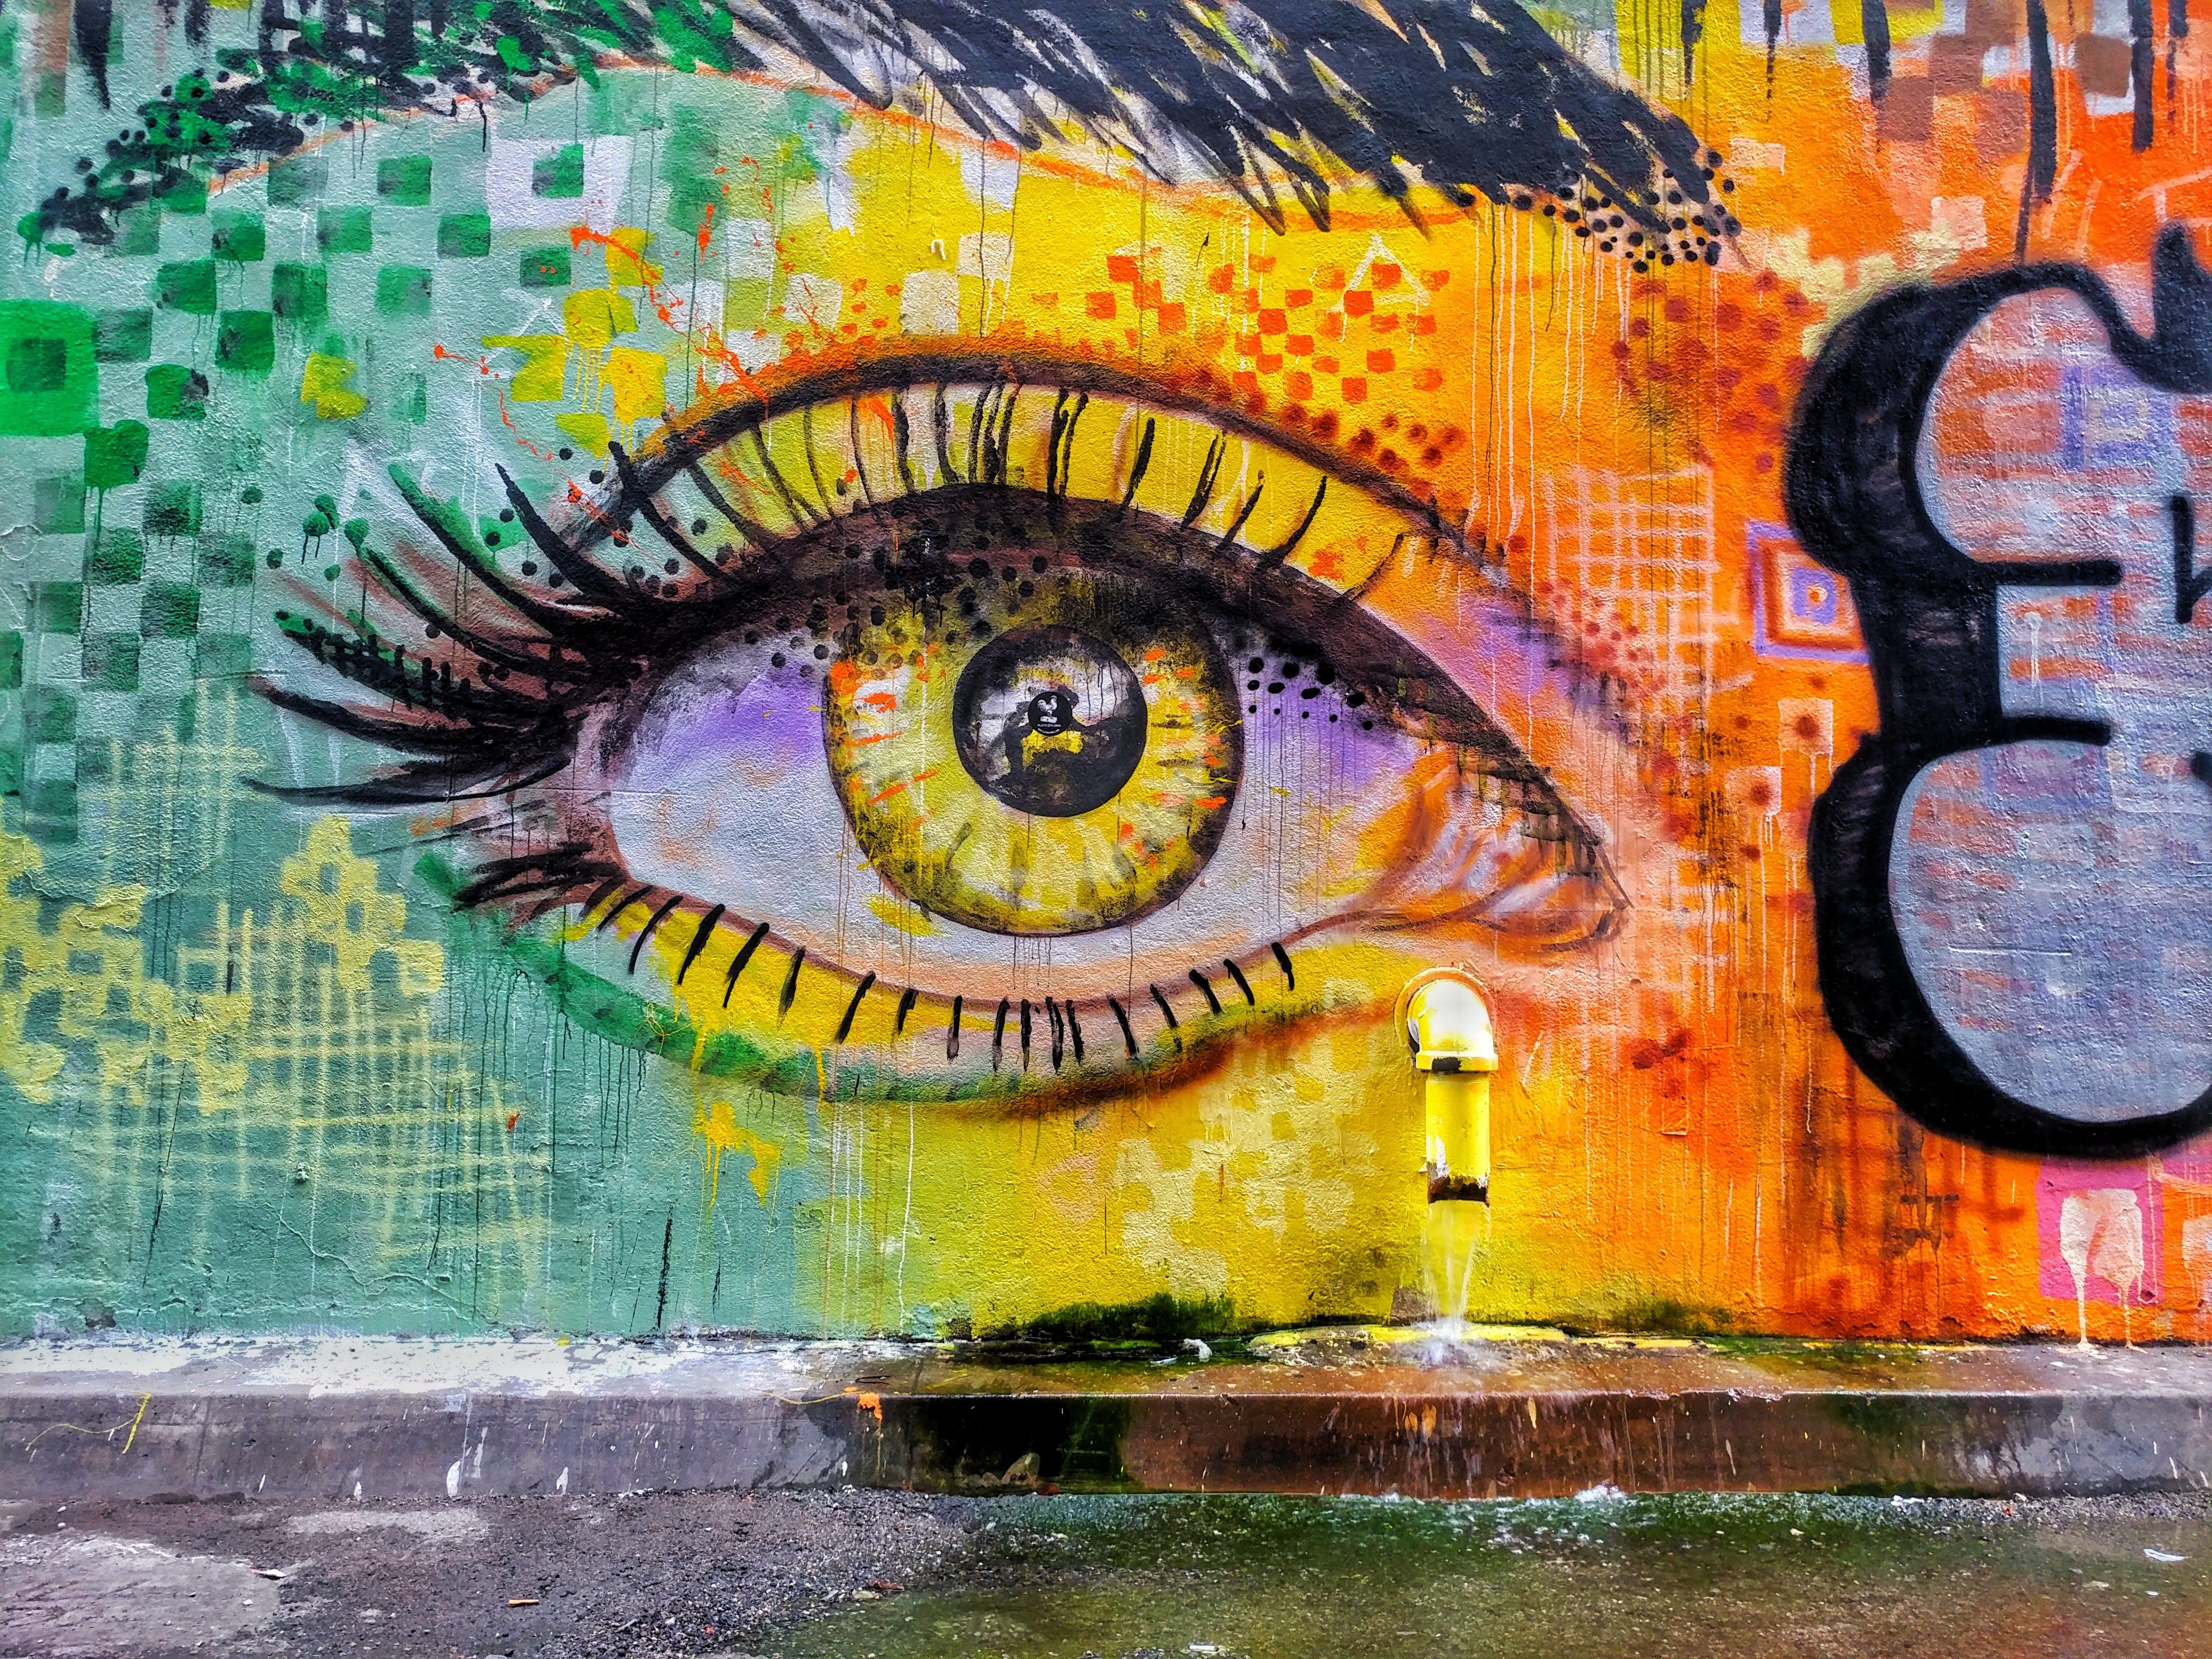 de Arte, arte callejero, arte mural, calle